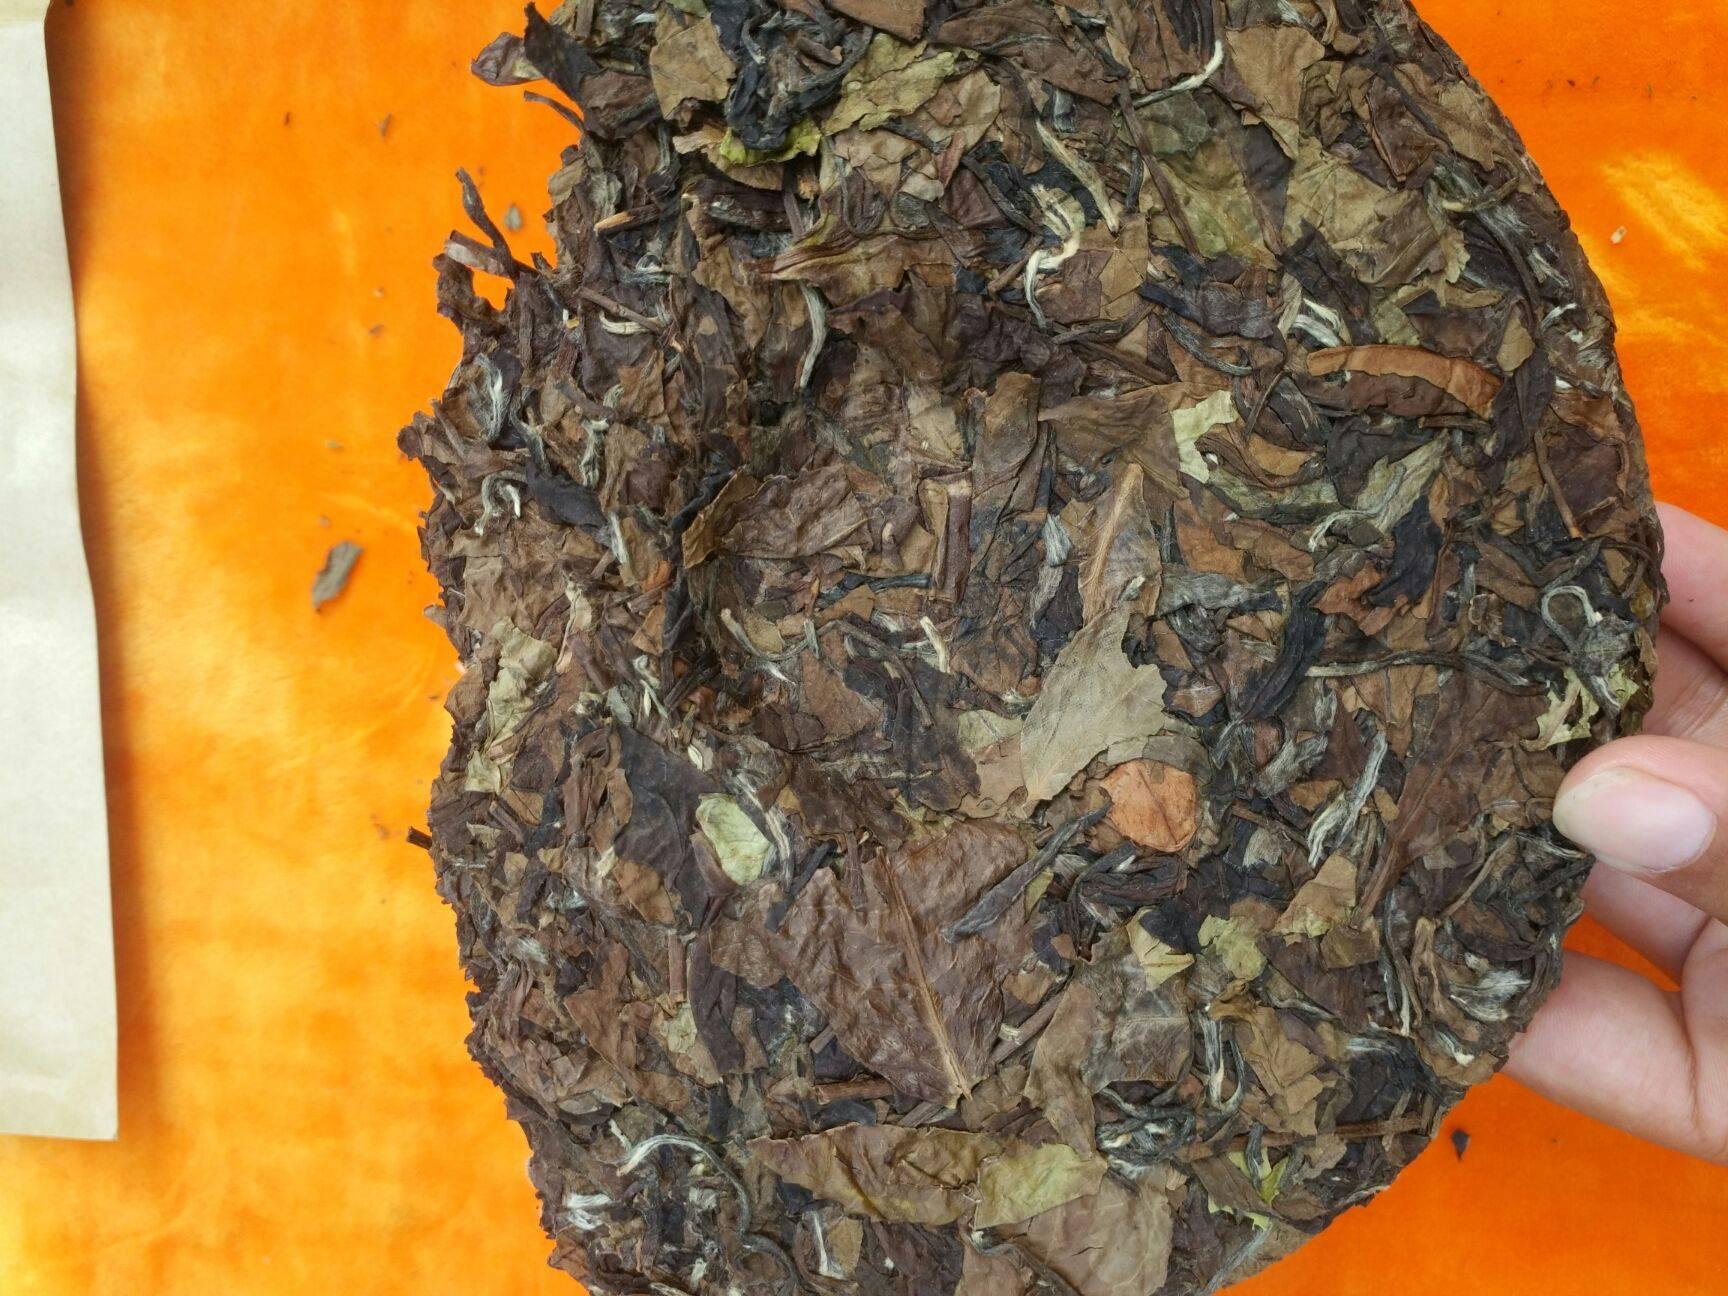 福鼎白茶 純手工采摘,真正高山茶葉廠家,不是平原茶以次充好一分價一分貨